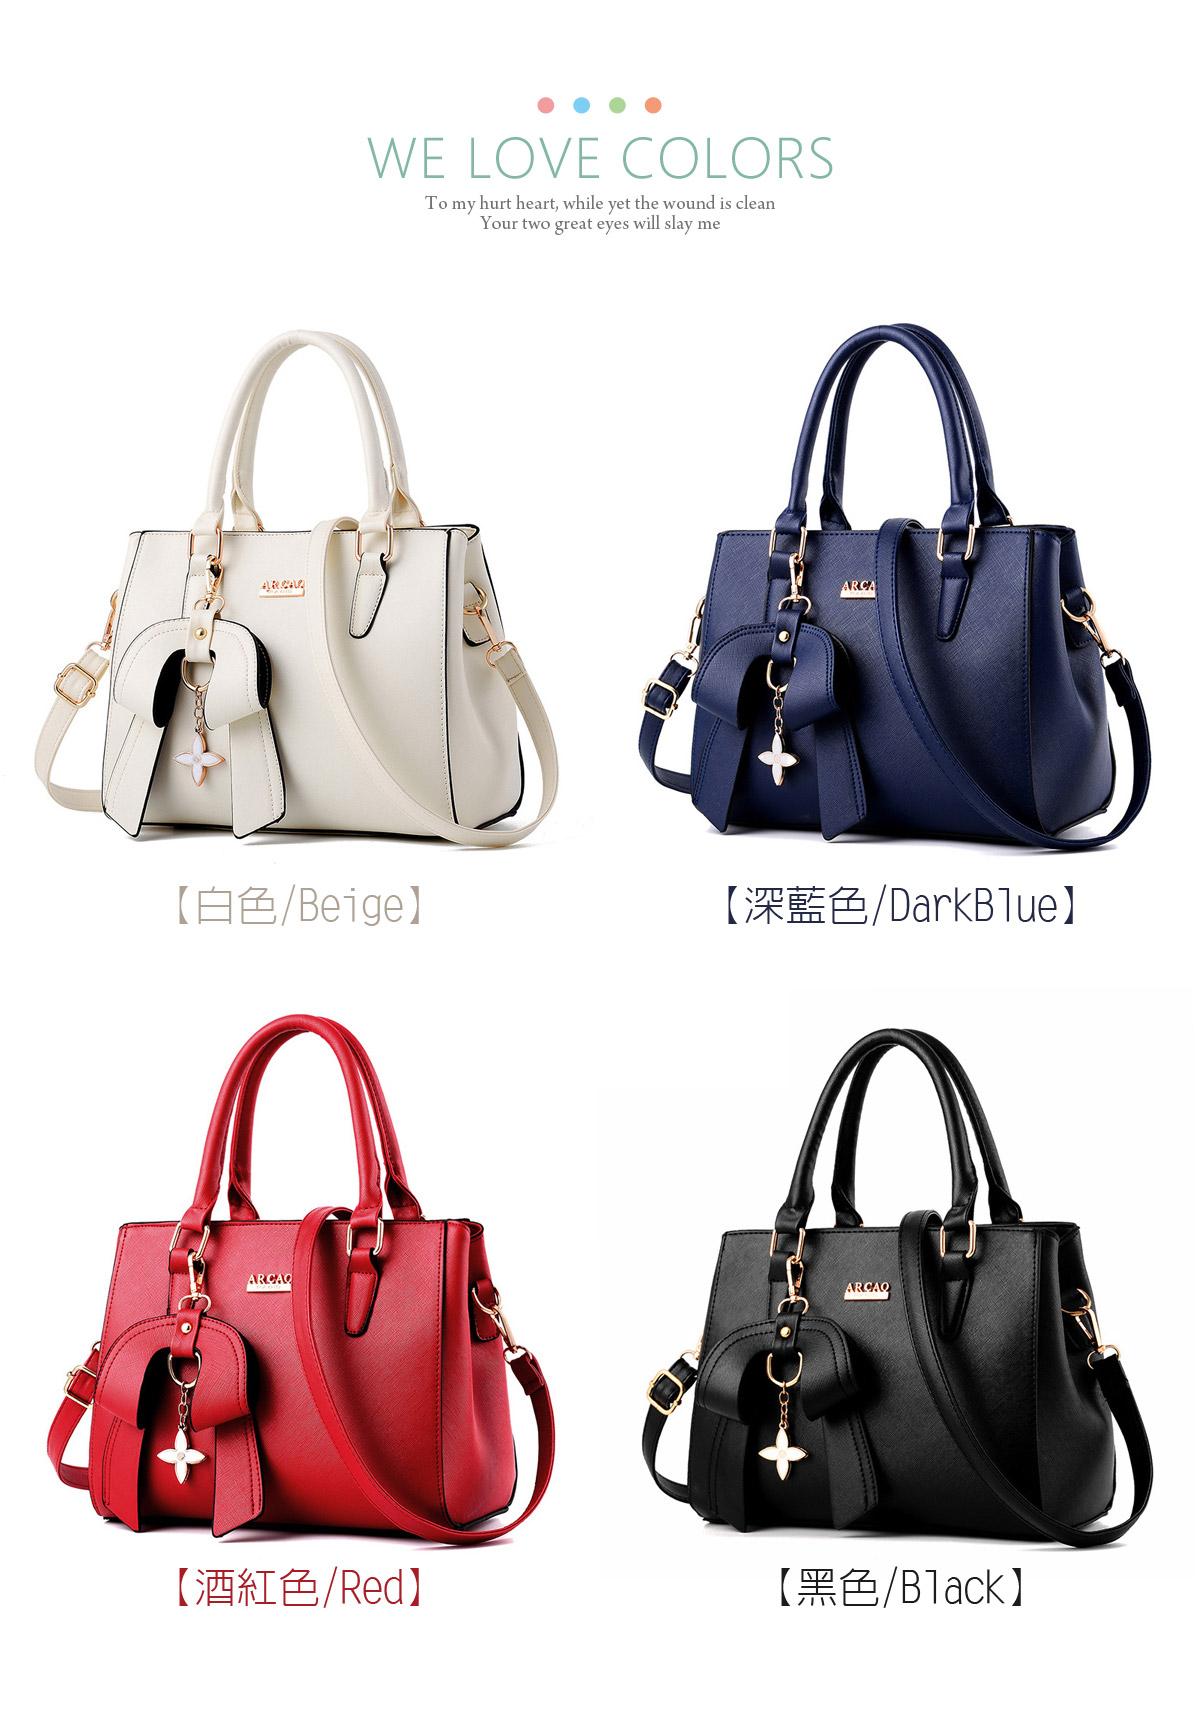 韓版時尚立體甜美單肩手提包,顏色:酒紅色及黑色